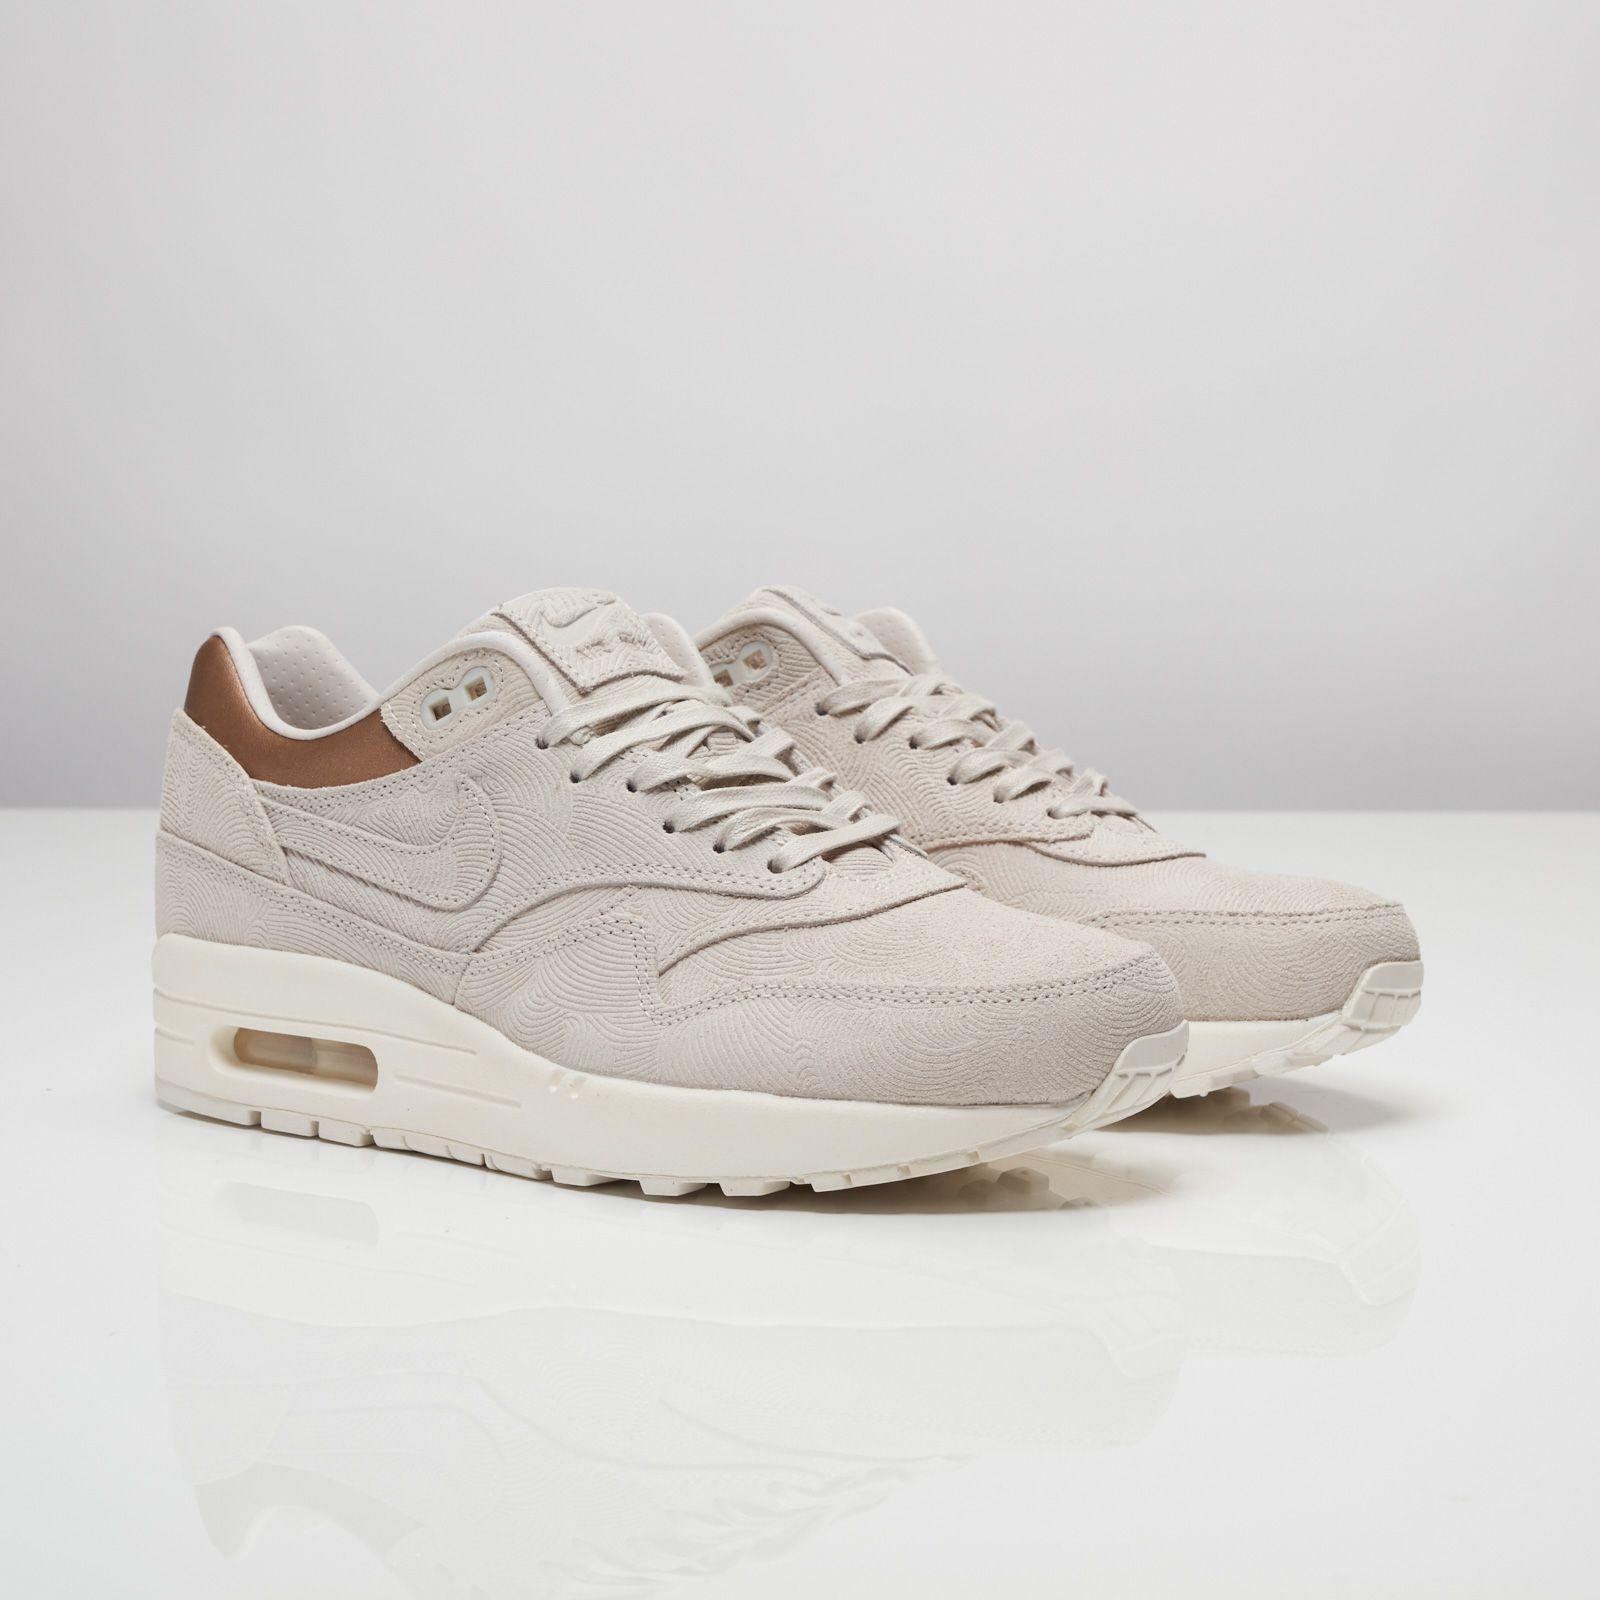 118e123d64 Nike Wmns Air Max 1 Premium | AUTUMN | Nike, Nike running shoes ...